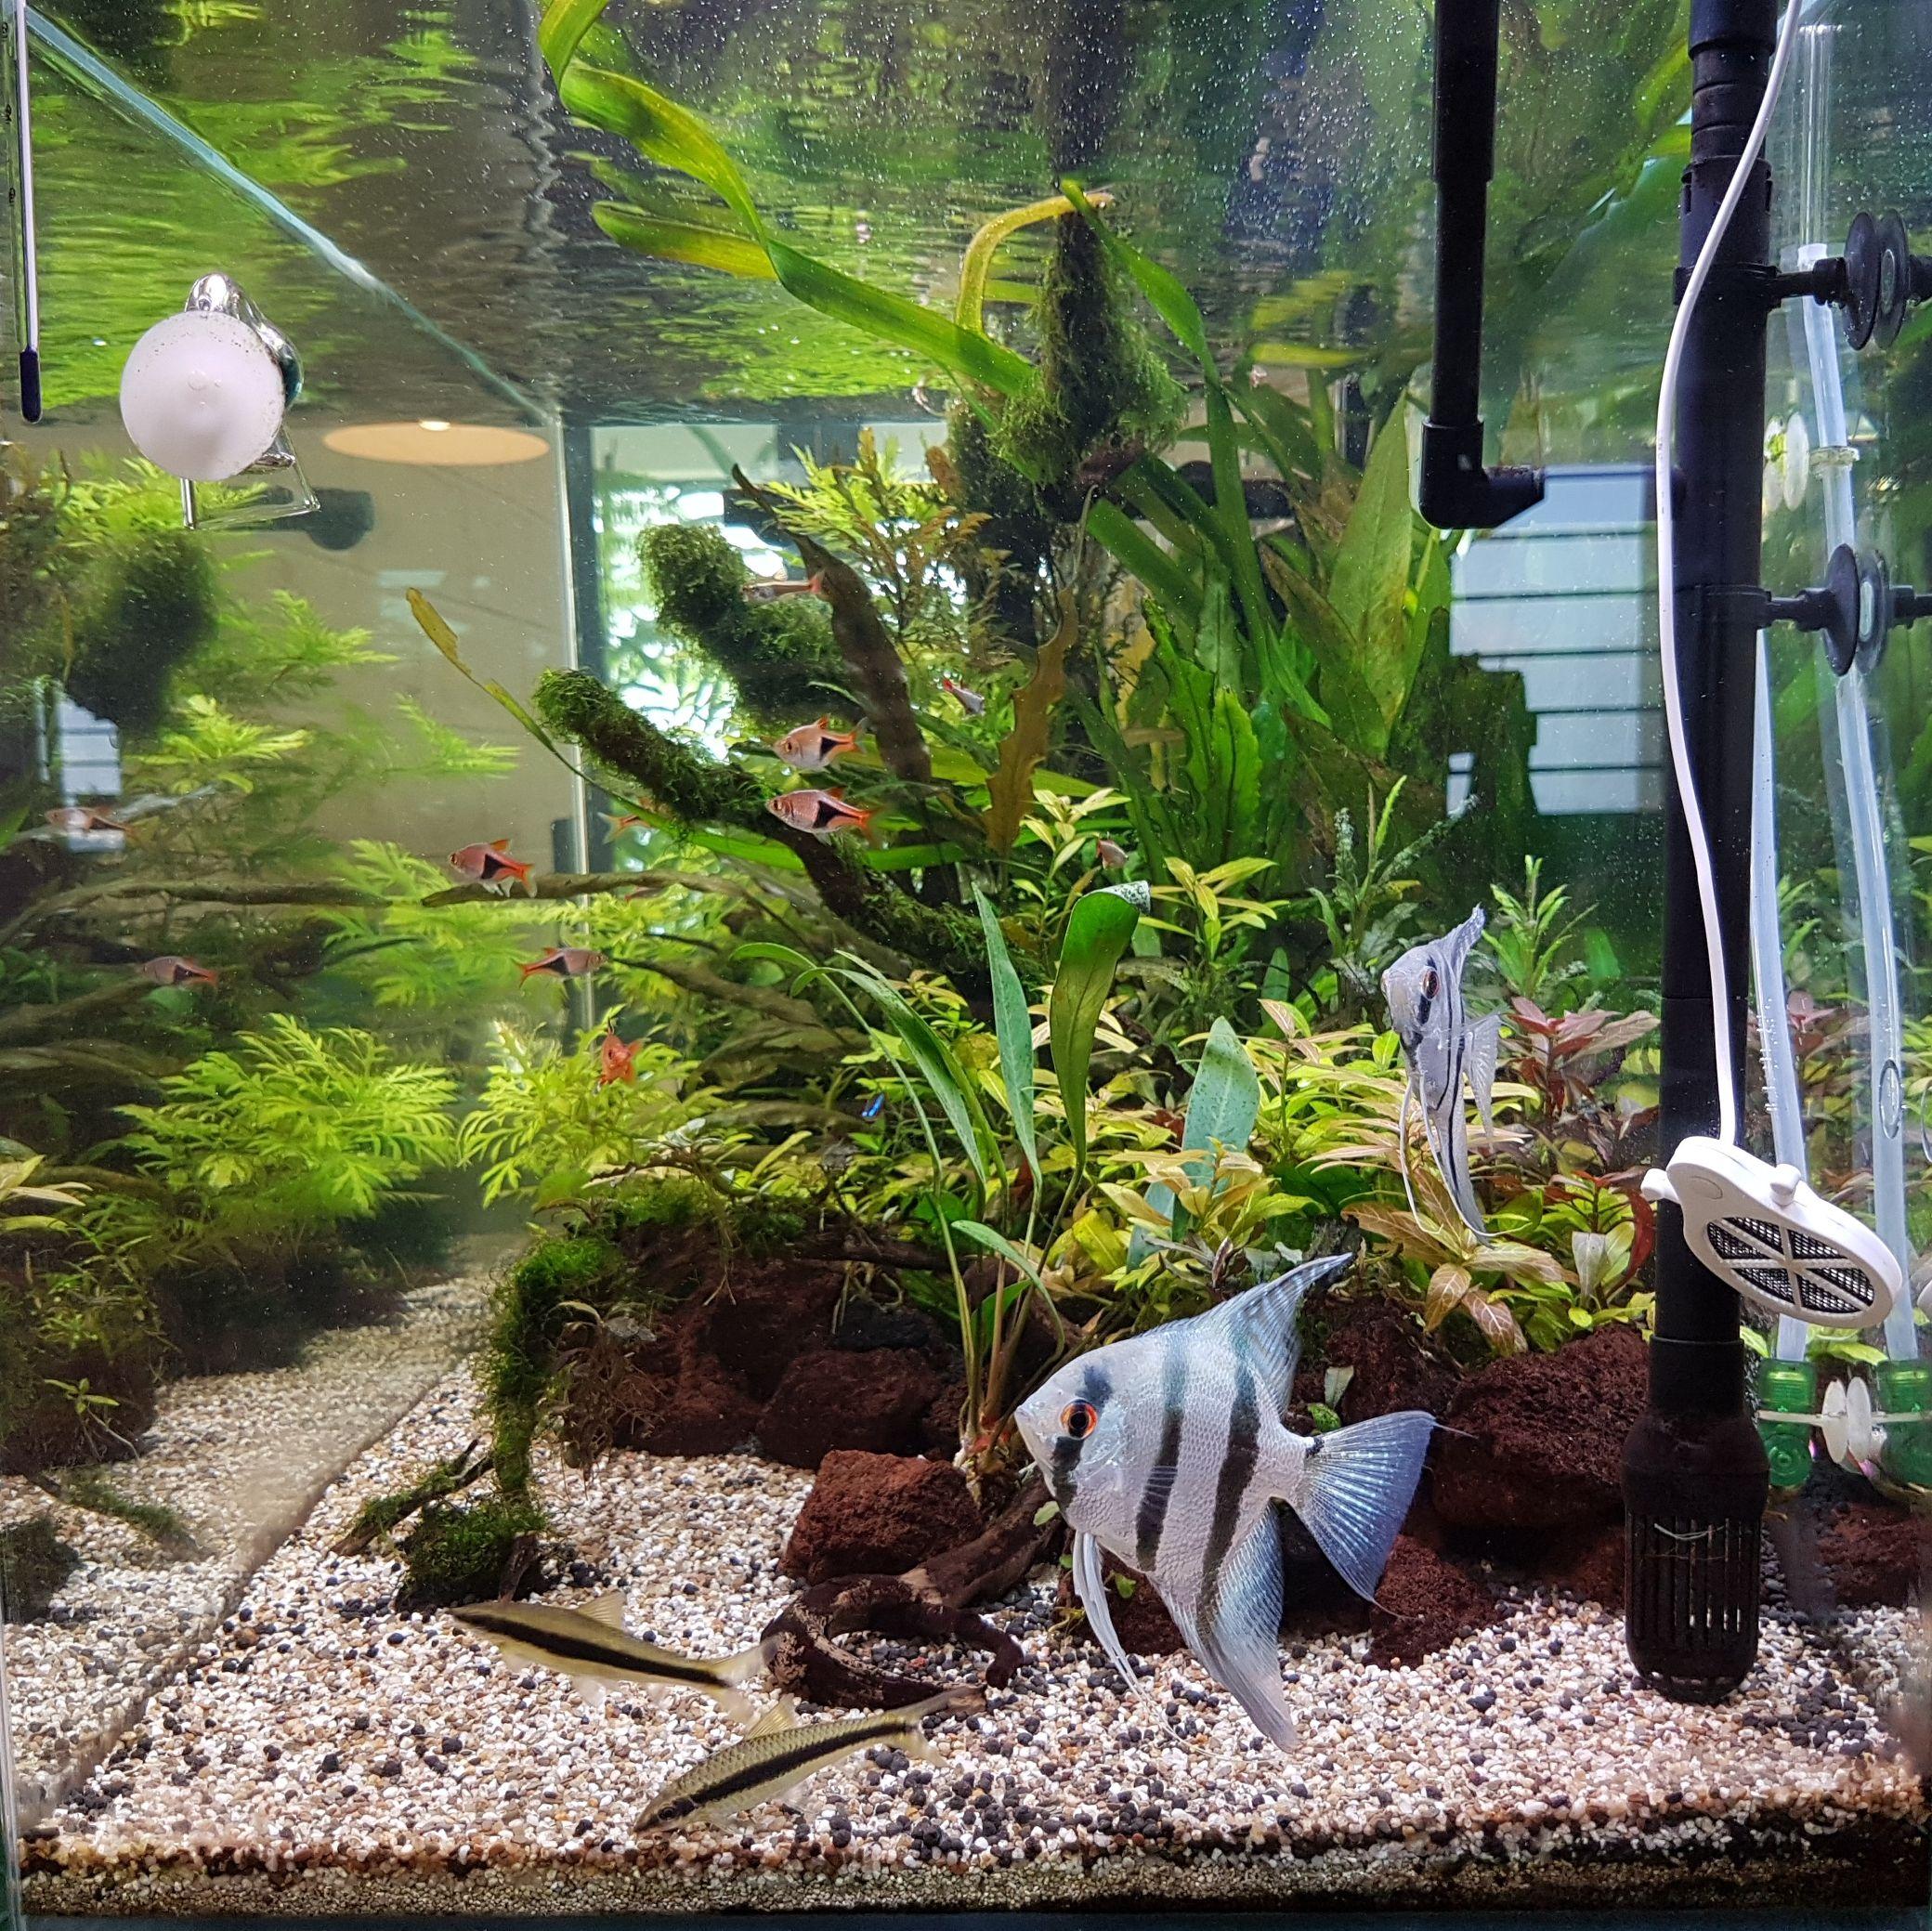 7757b5e1488deddb46426763aeea53c8 Incroyable De Aquarium Deco Des Idées